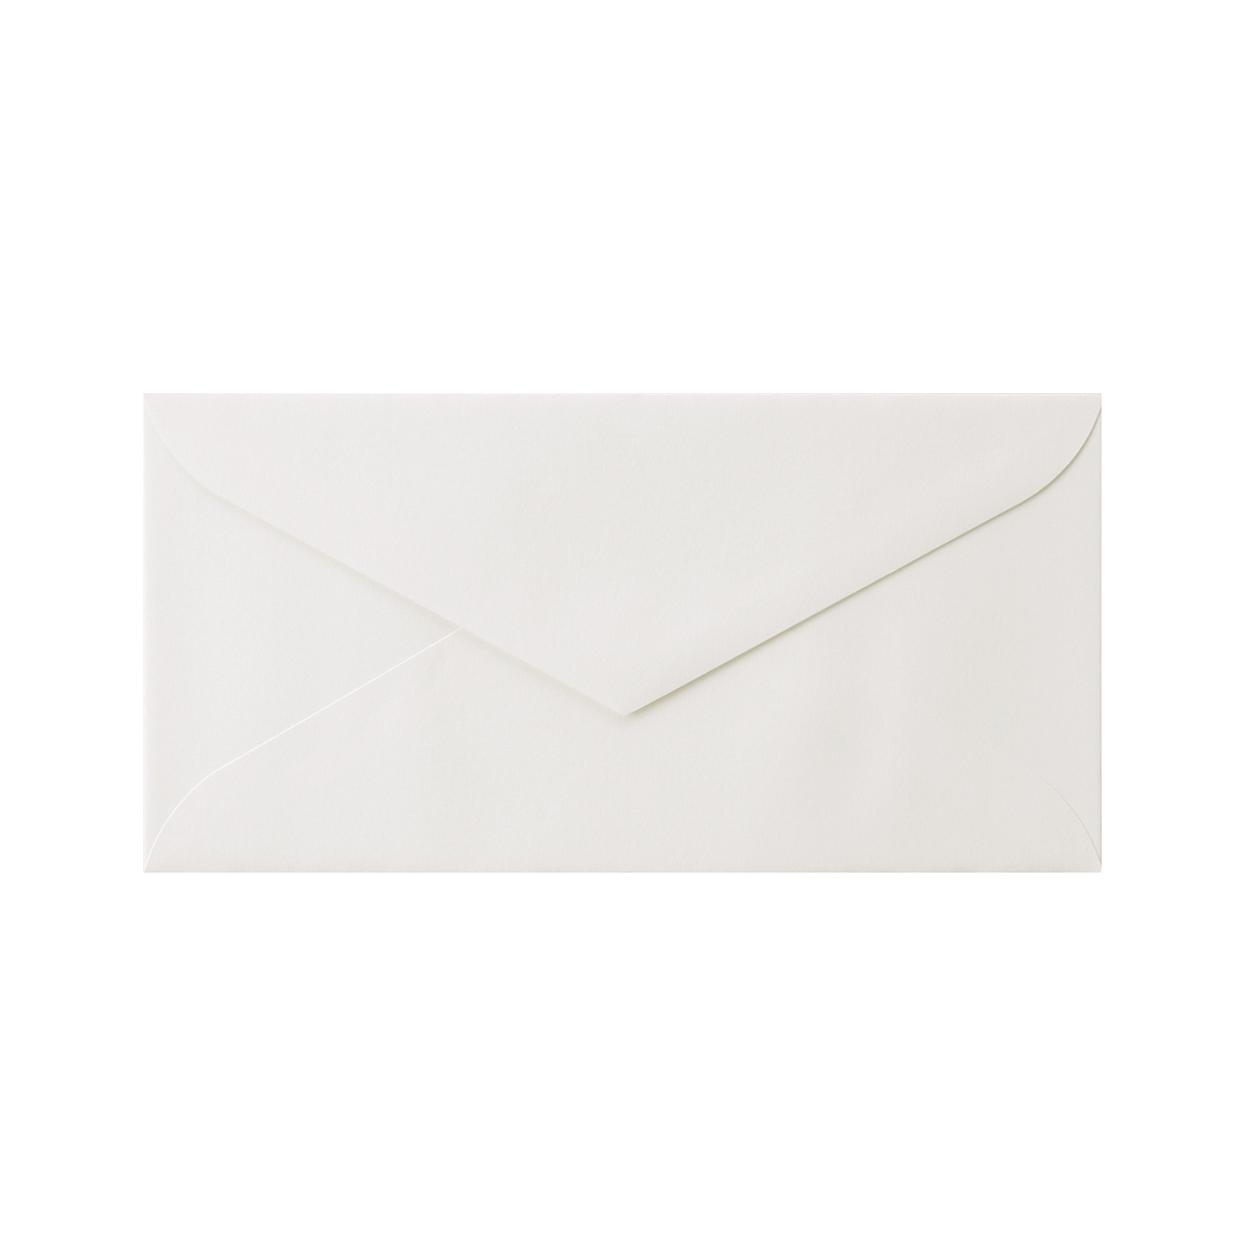 DLダイア封筒 コットン スノーホワイト 116.3g